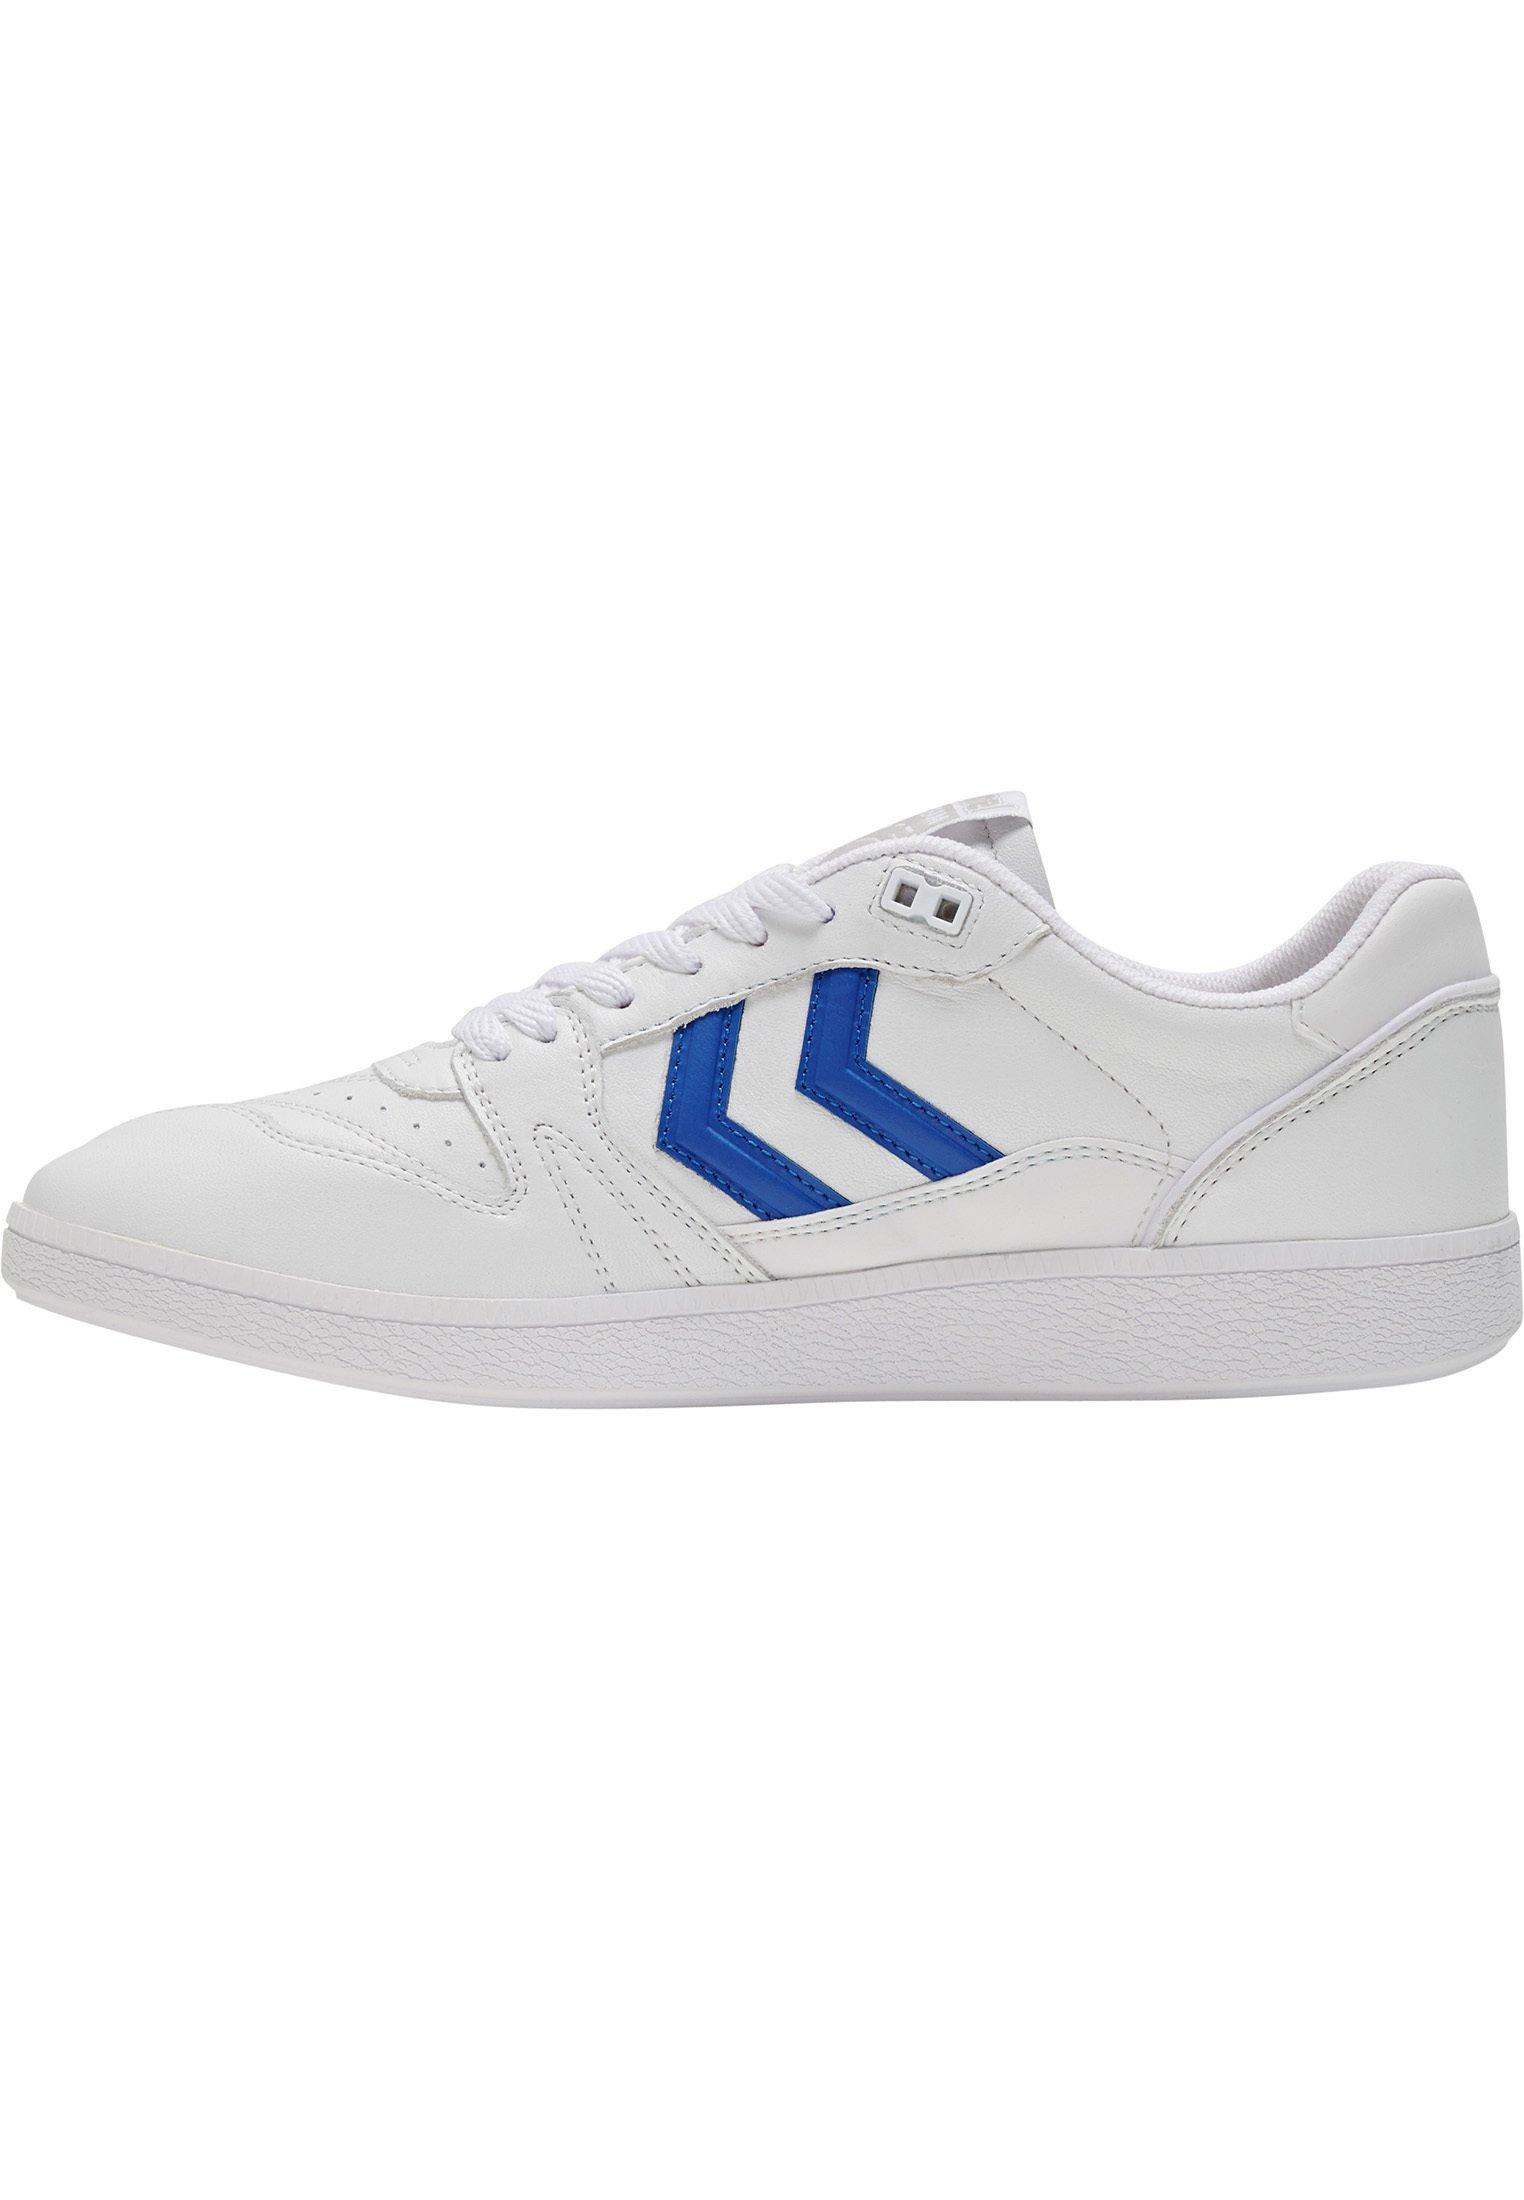 Hummel Sneaker low - mazarine blue/royal - Herrenschuhe Bo8g0